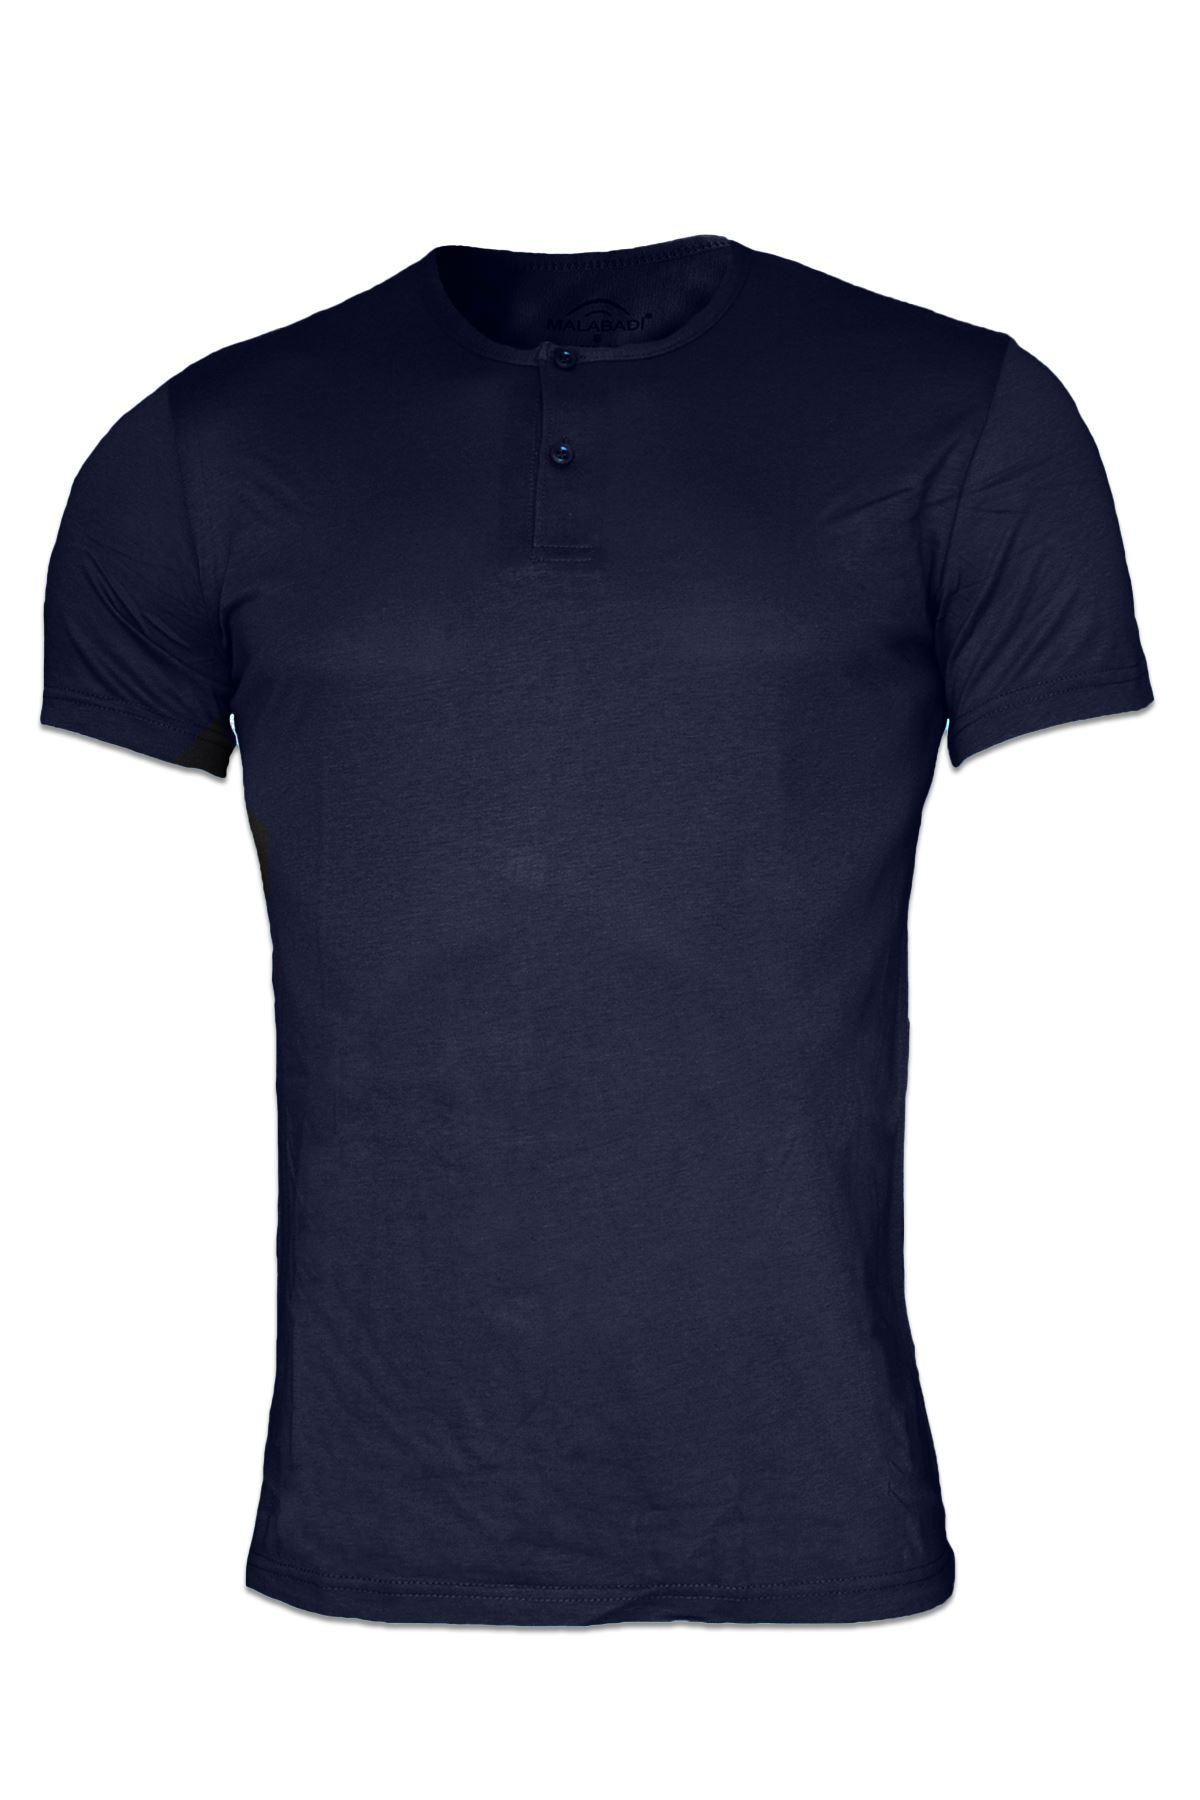 Lacivert Erkek Düğmeli Yaka Yaz Serinliği Tshirt 083